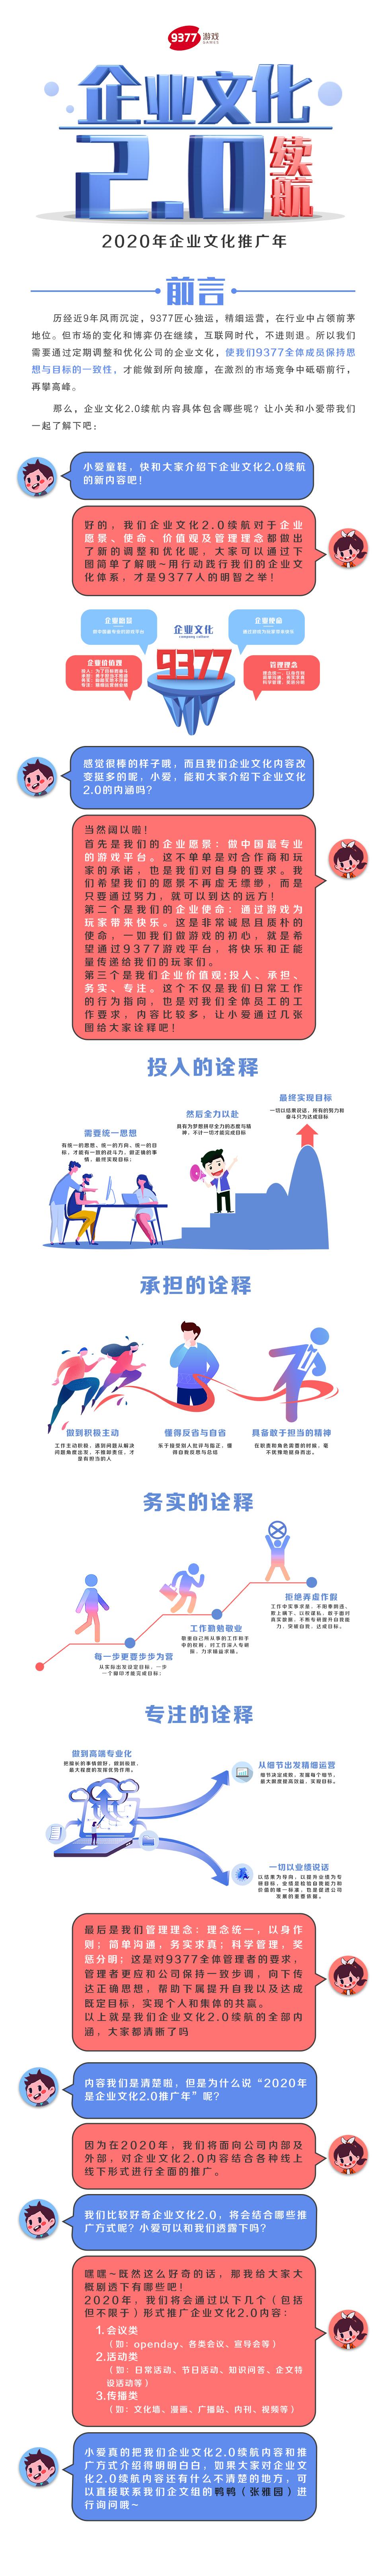 企业文化2.0续航.jpg